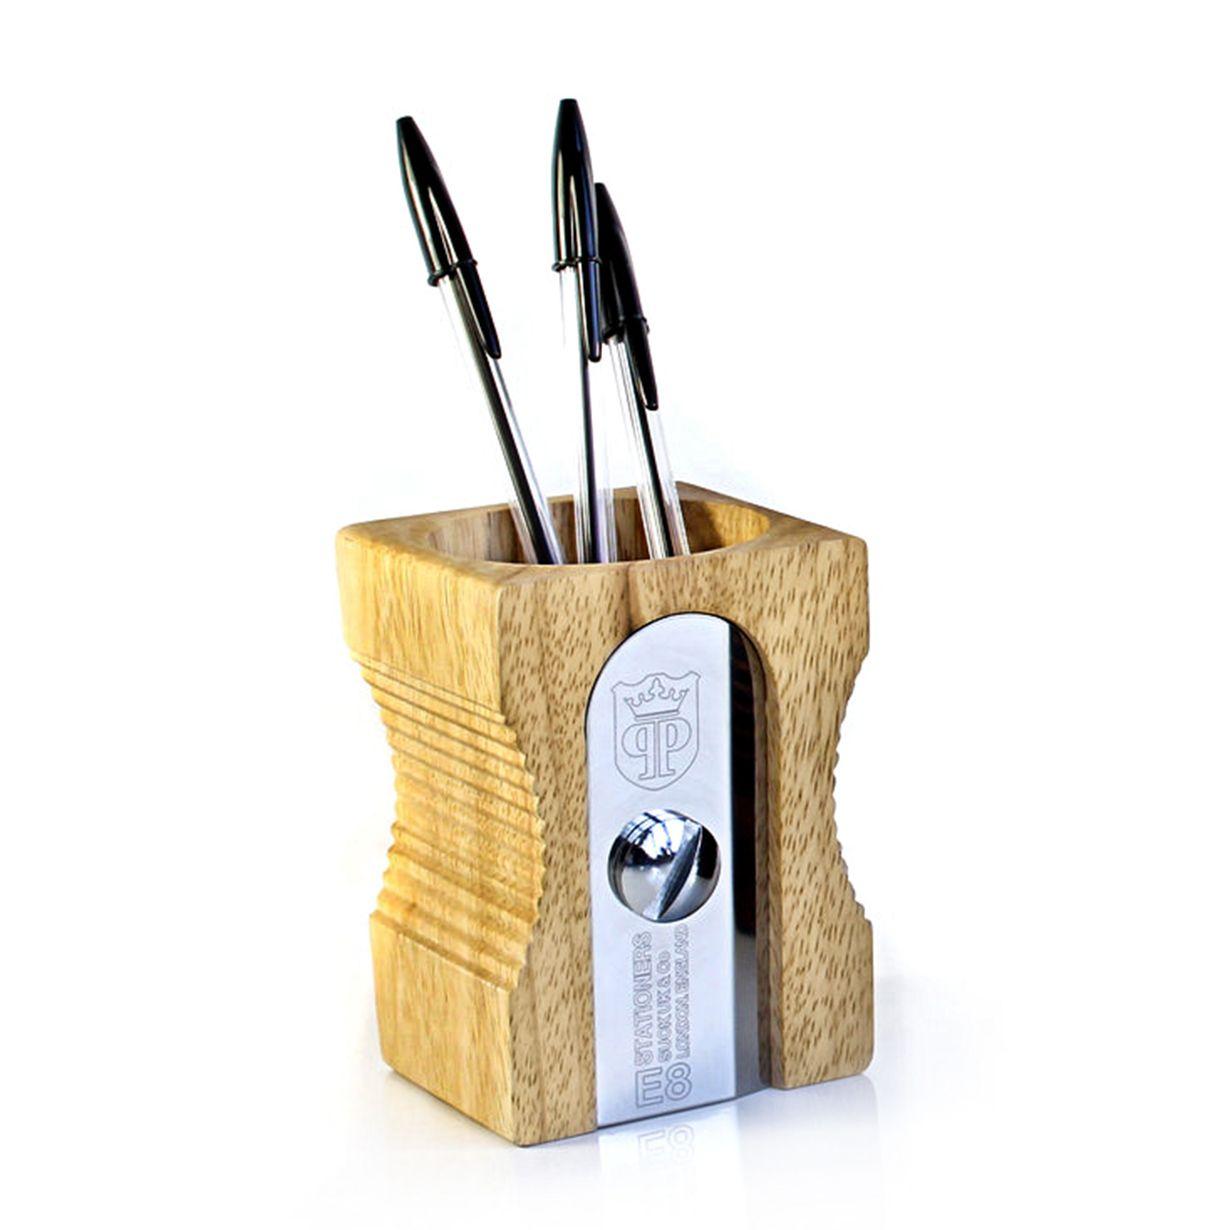 Articolo: SK109El escritorio siempre será ordenado gracias a este portalápiz de gran tamaño en forma de sacapuntas. Icónico, reconocible, un verdadero clásico! Este portalápiz muy sencillo mantendrá el orden entre los bolígrafos, lápices y los otros pequeños accesorios de papelería, de manera mucho más elegante que con cualquier otro accesorio de escritorio. Hecha de acero inoxidable y madera de caucho en el lleno respeto del medio ambiente. Los árboles de caucho son, de hecho, cortados y…